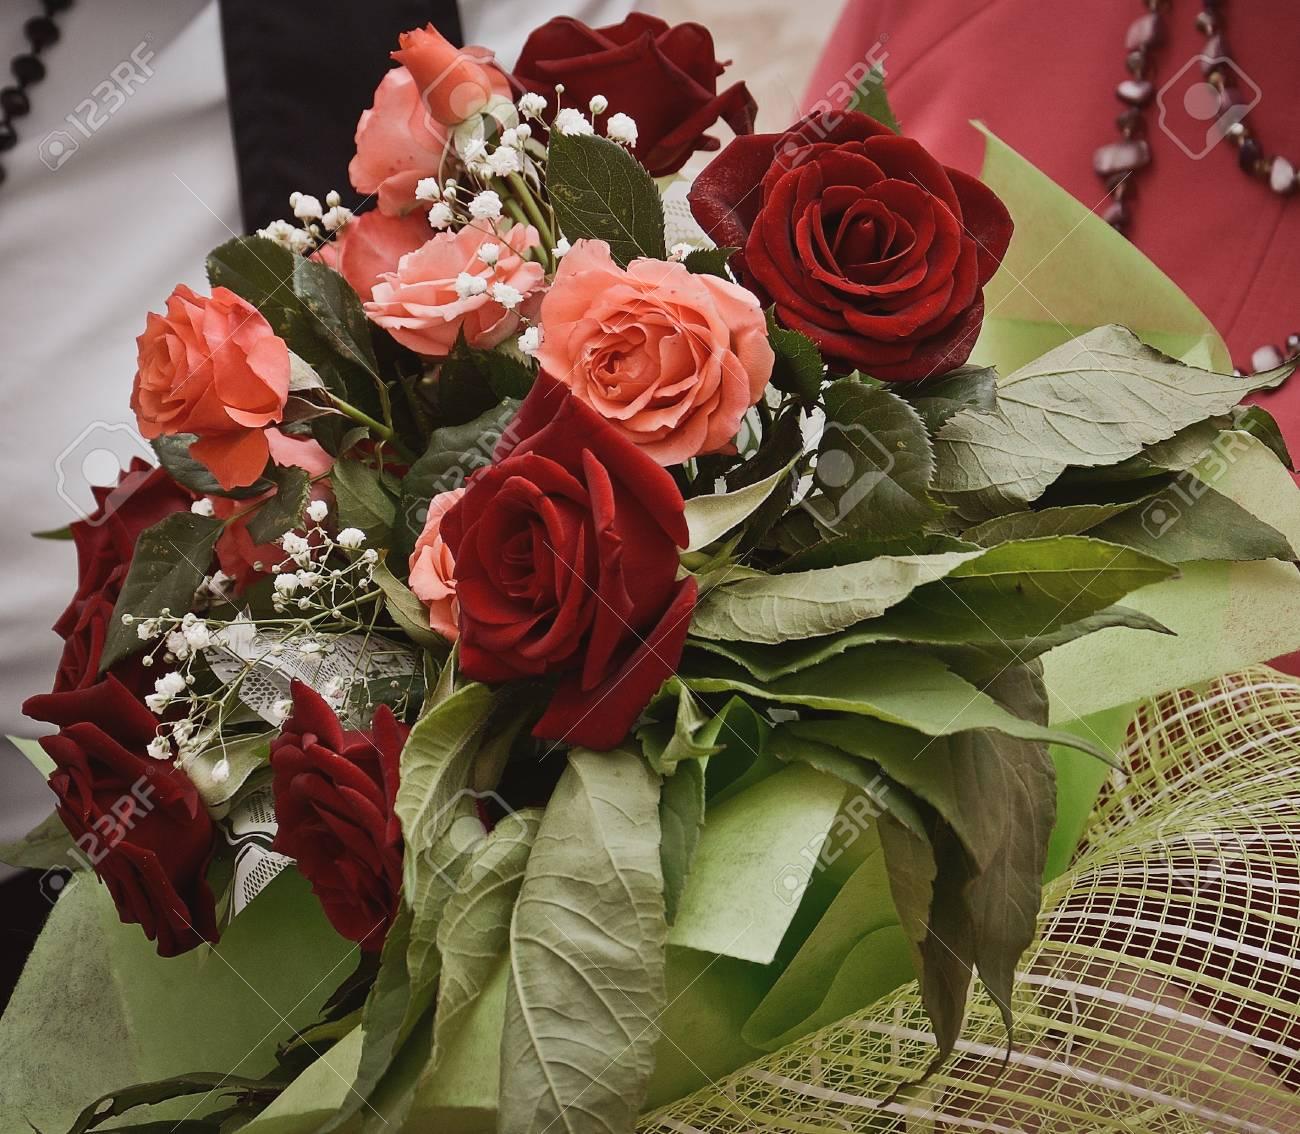 Hochzeitsstrauss Aus Roten Rosen Lizenzfreie Fotos Bilder Und Stock